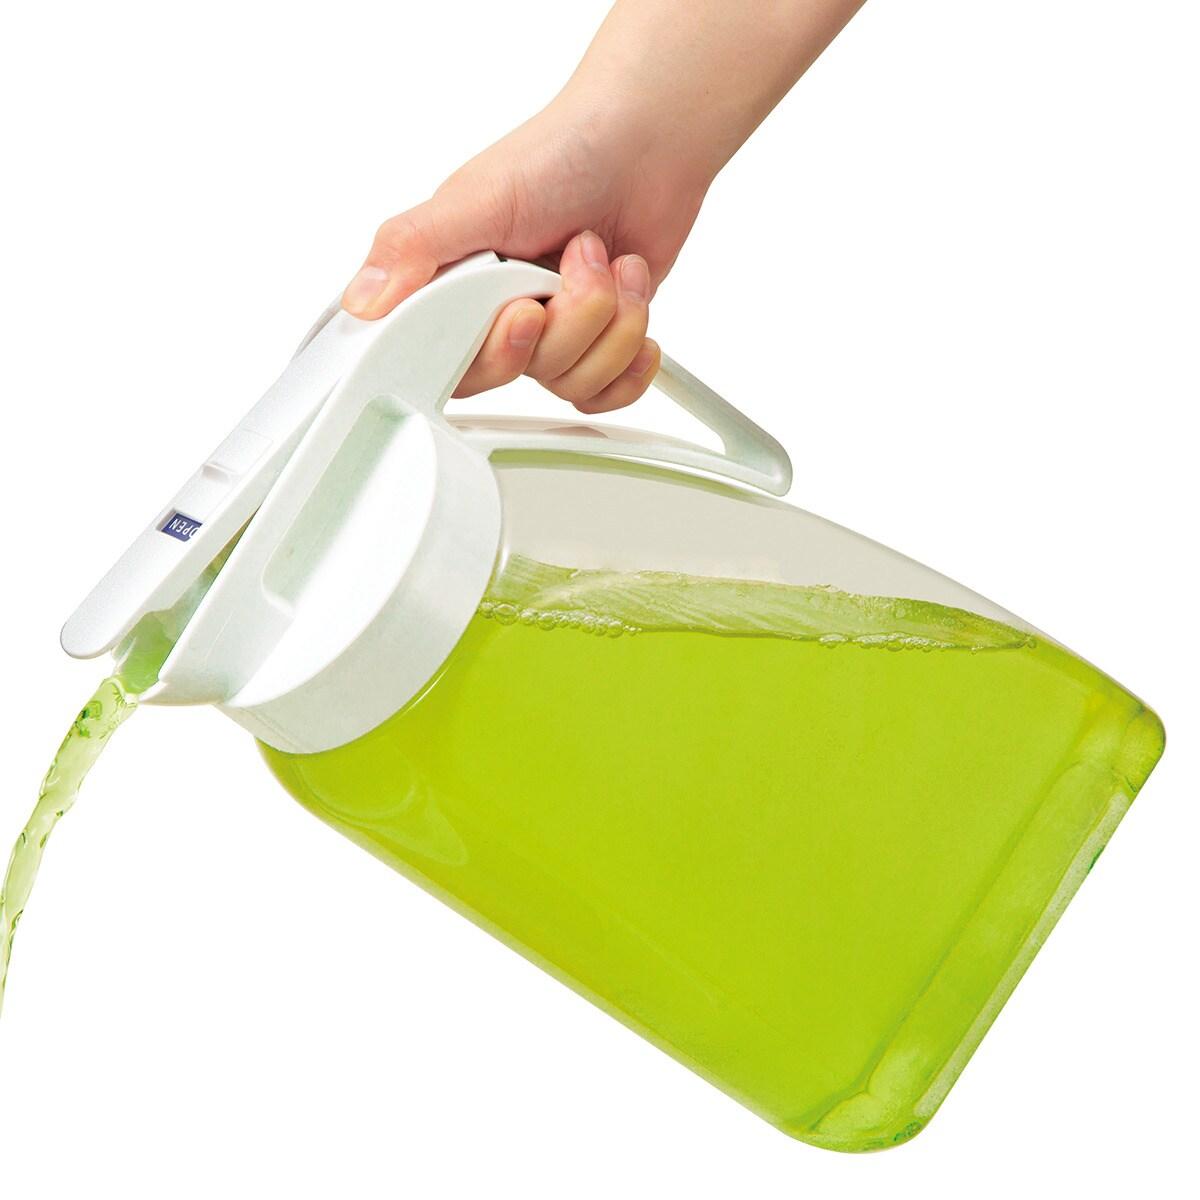 たてよこ置けるワンプッシュ冷水筒(3.1L)